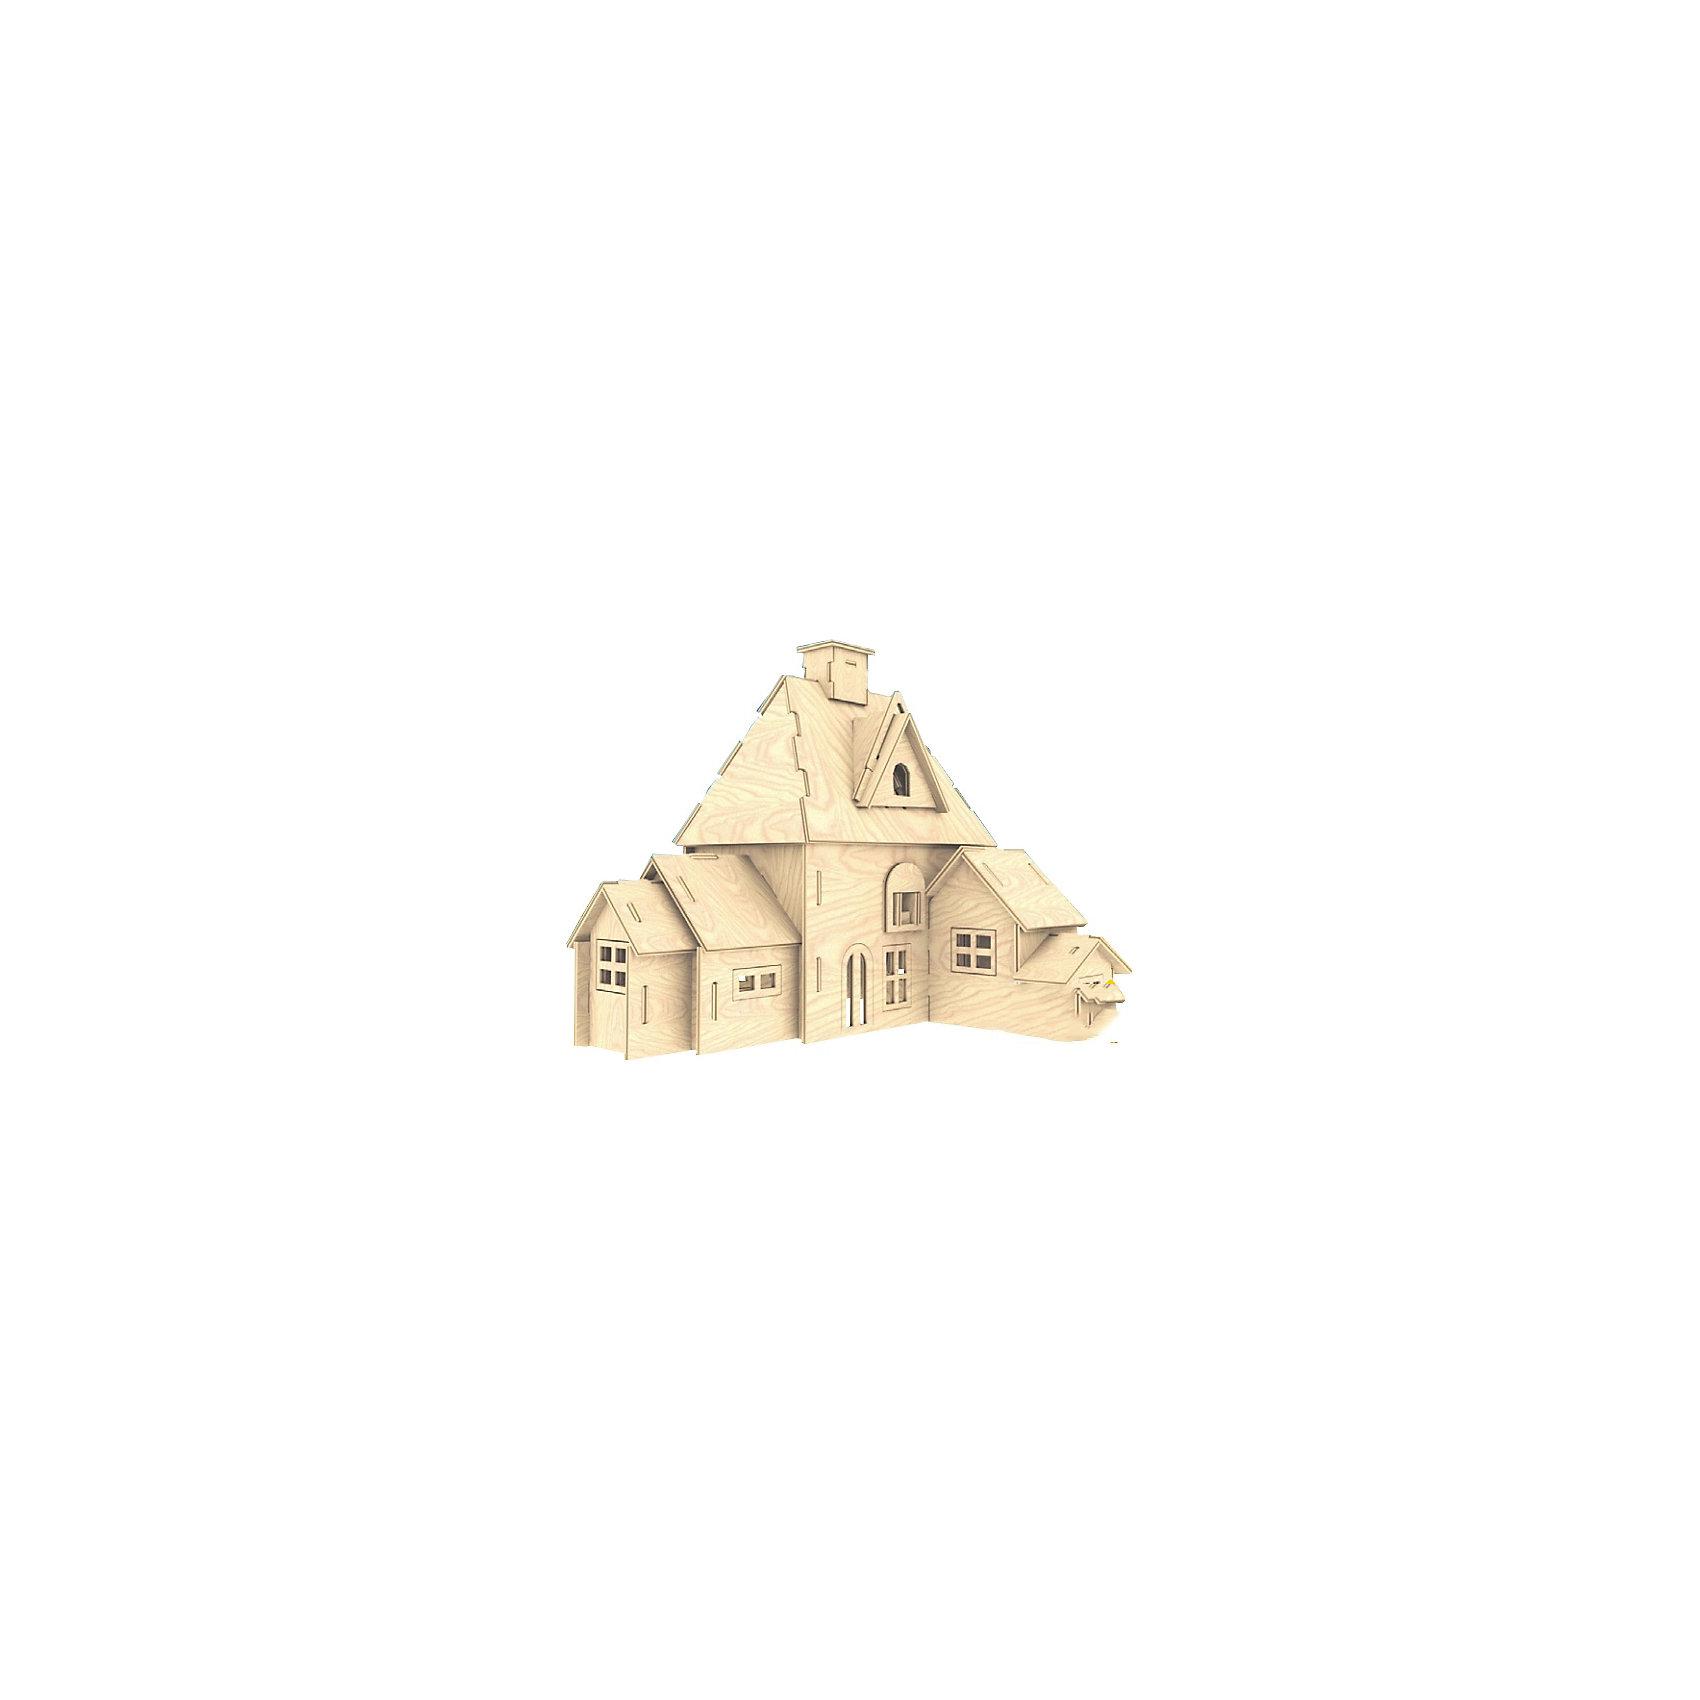 МДИ Дача, Мир деревянных игрушек дача и сад